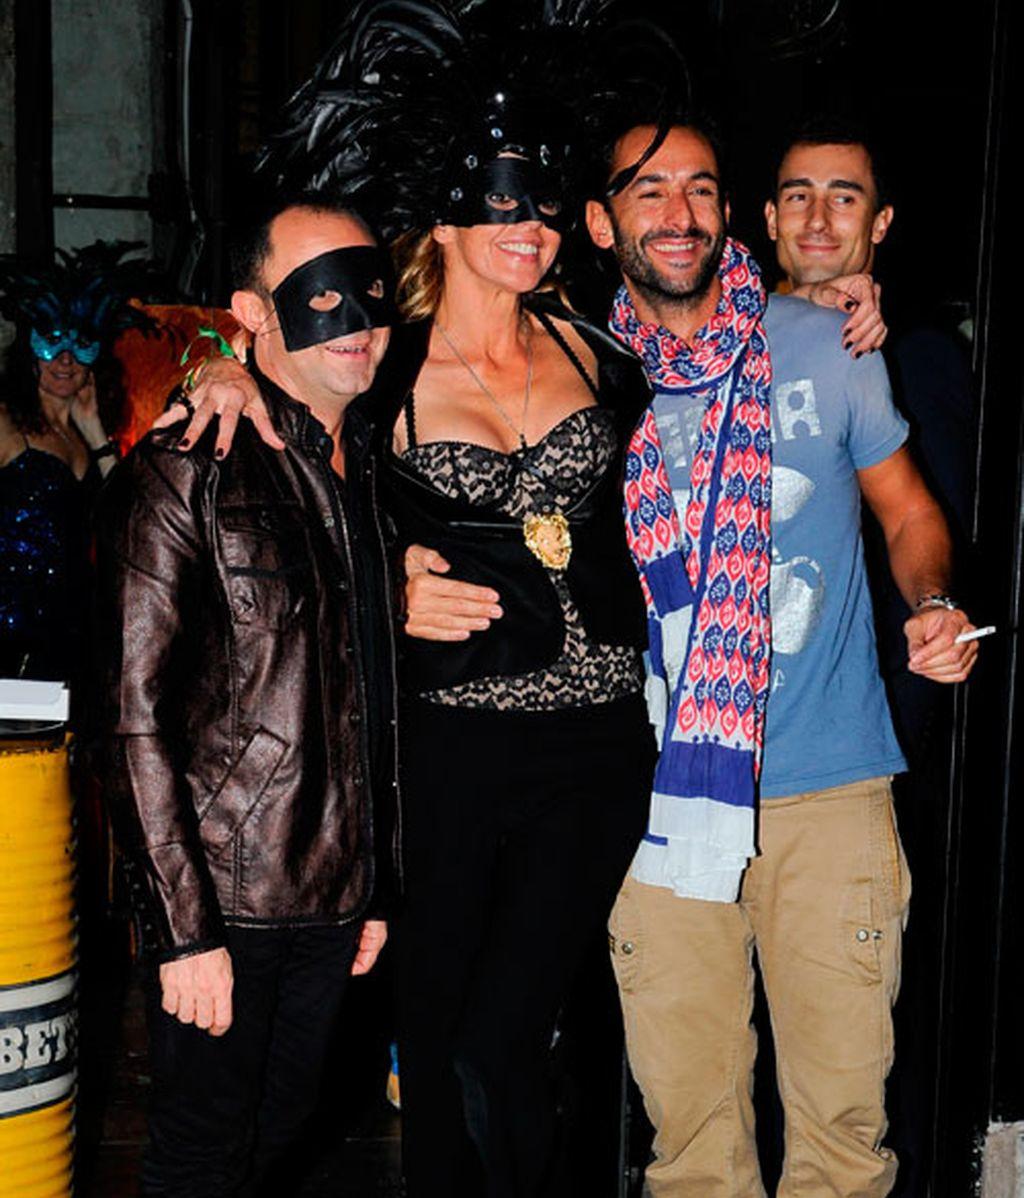 Arancha de Benito celebra su cumpleaños en plan 'burlesque'